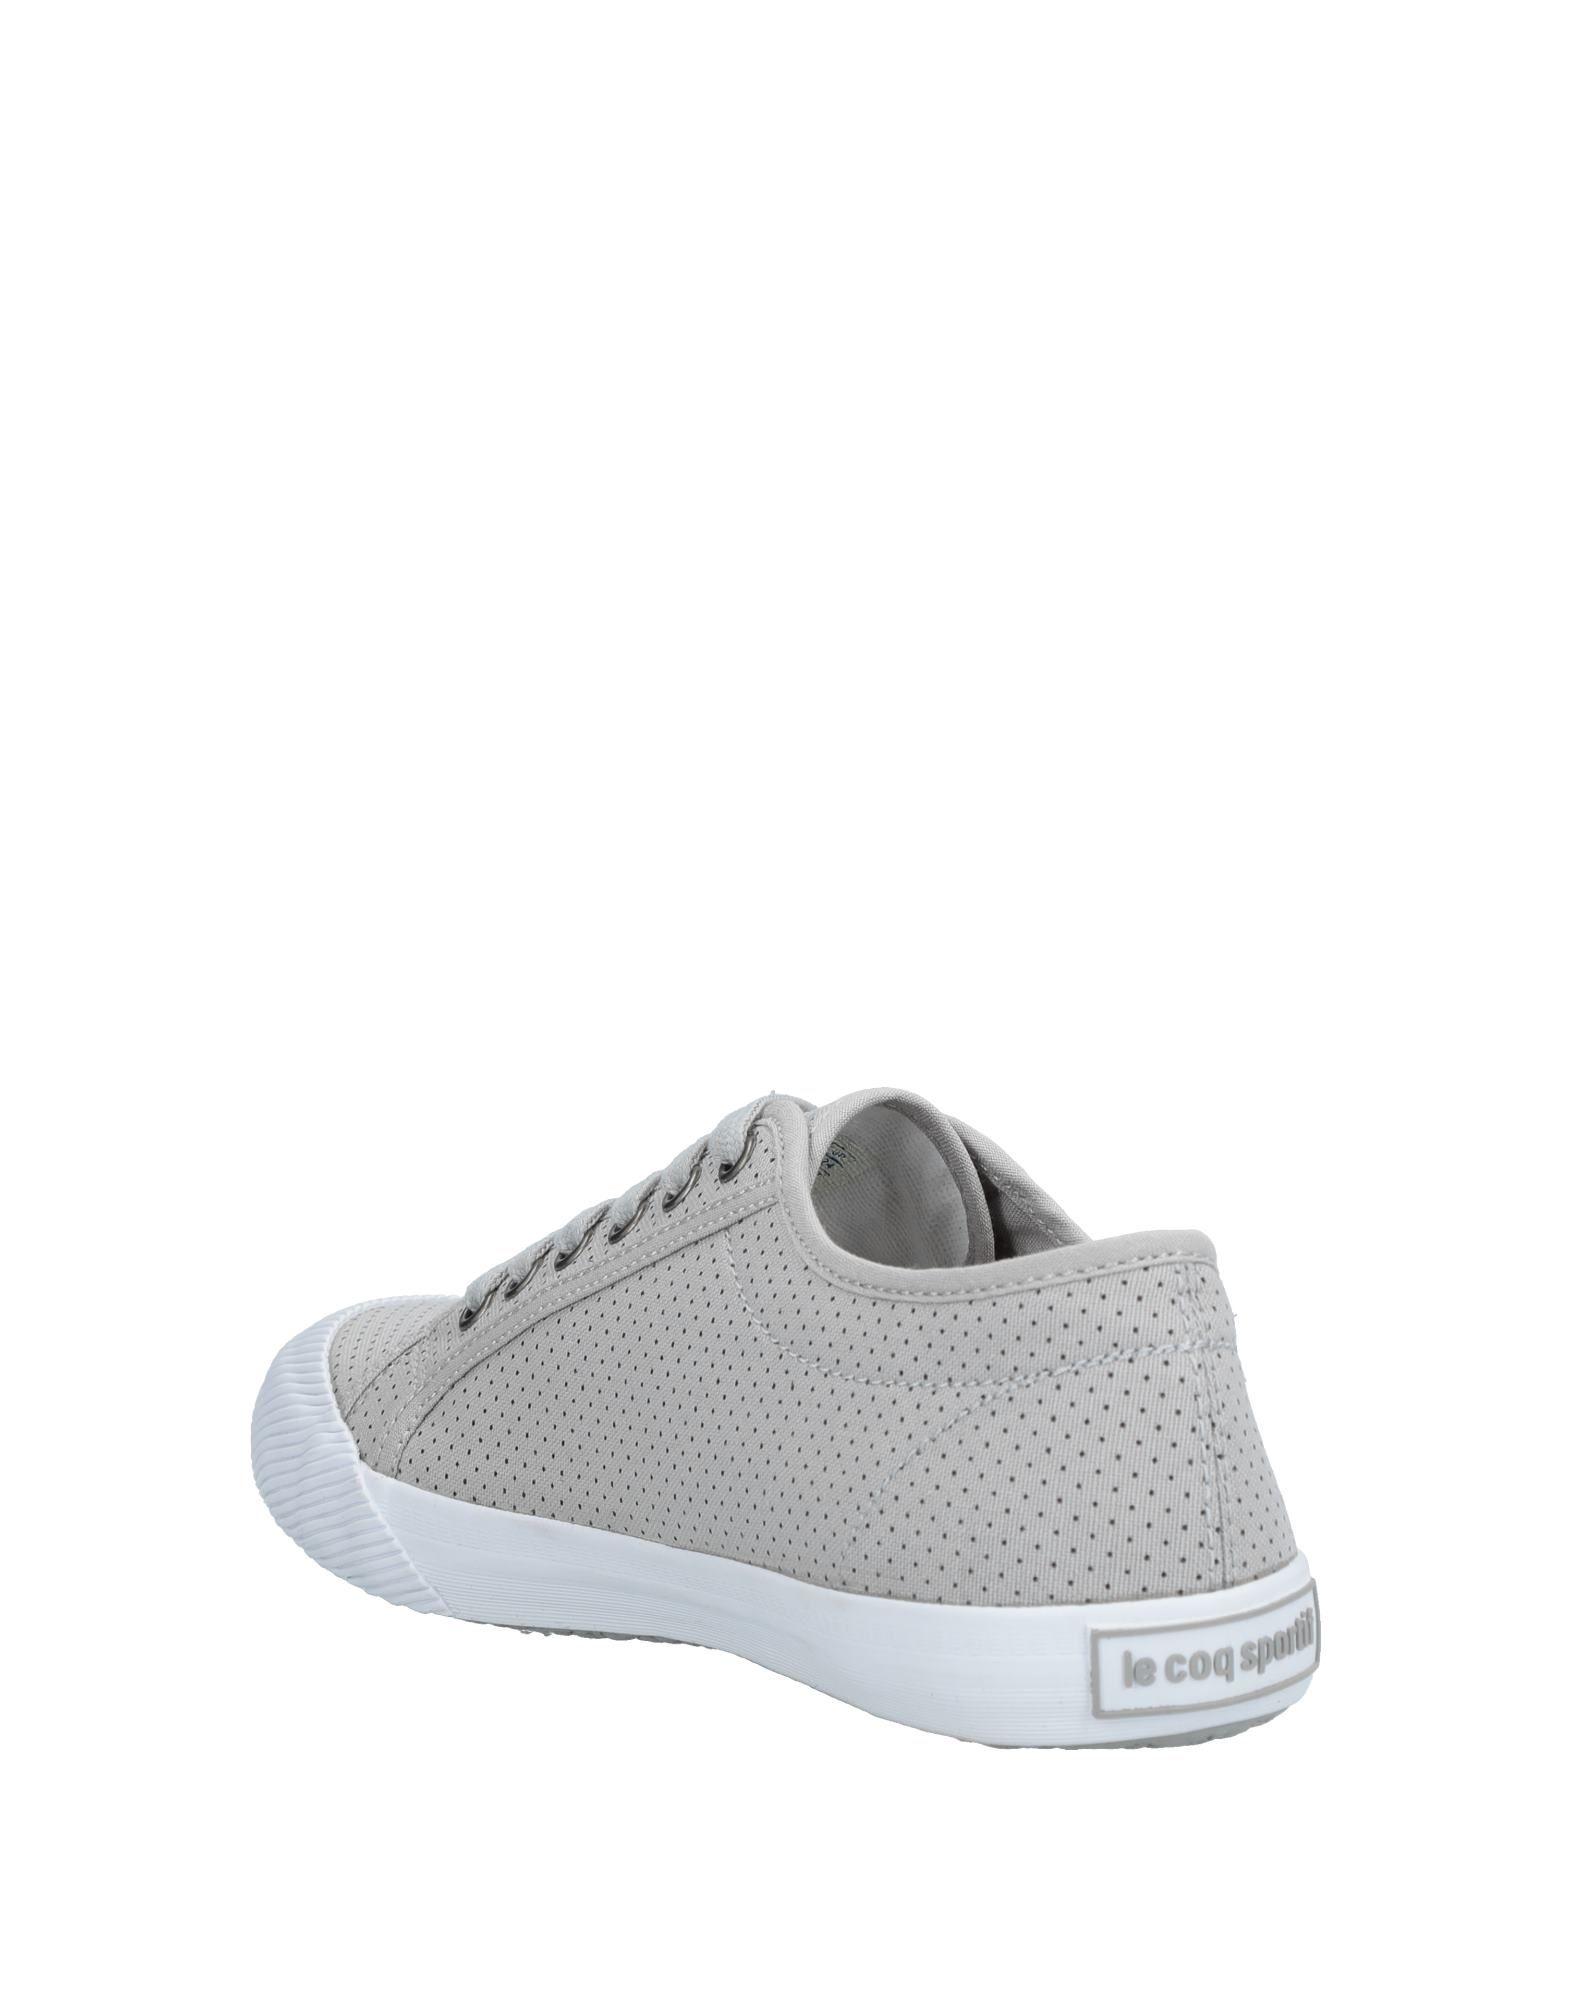 Le Coq Sportif Sneakers Damen Schuhe  11534471IU Neue Schuhe Damen 909555